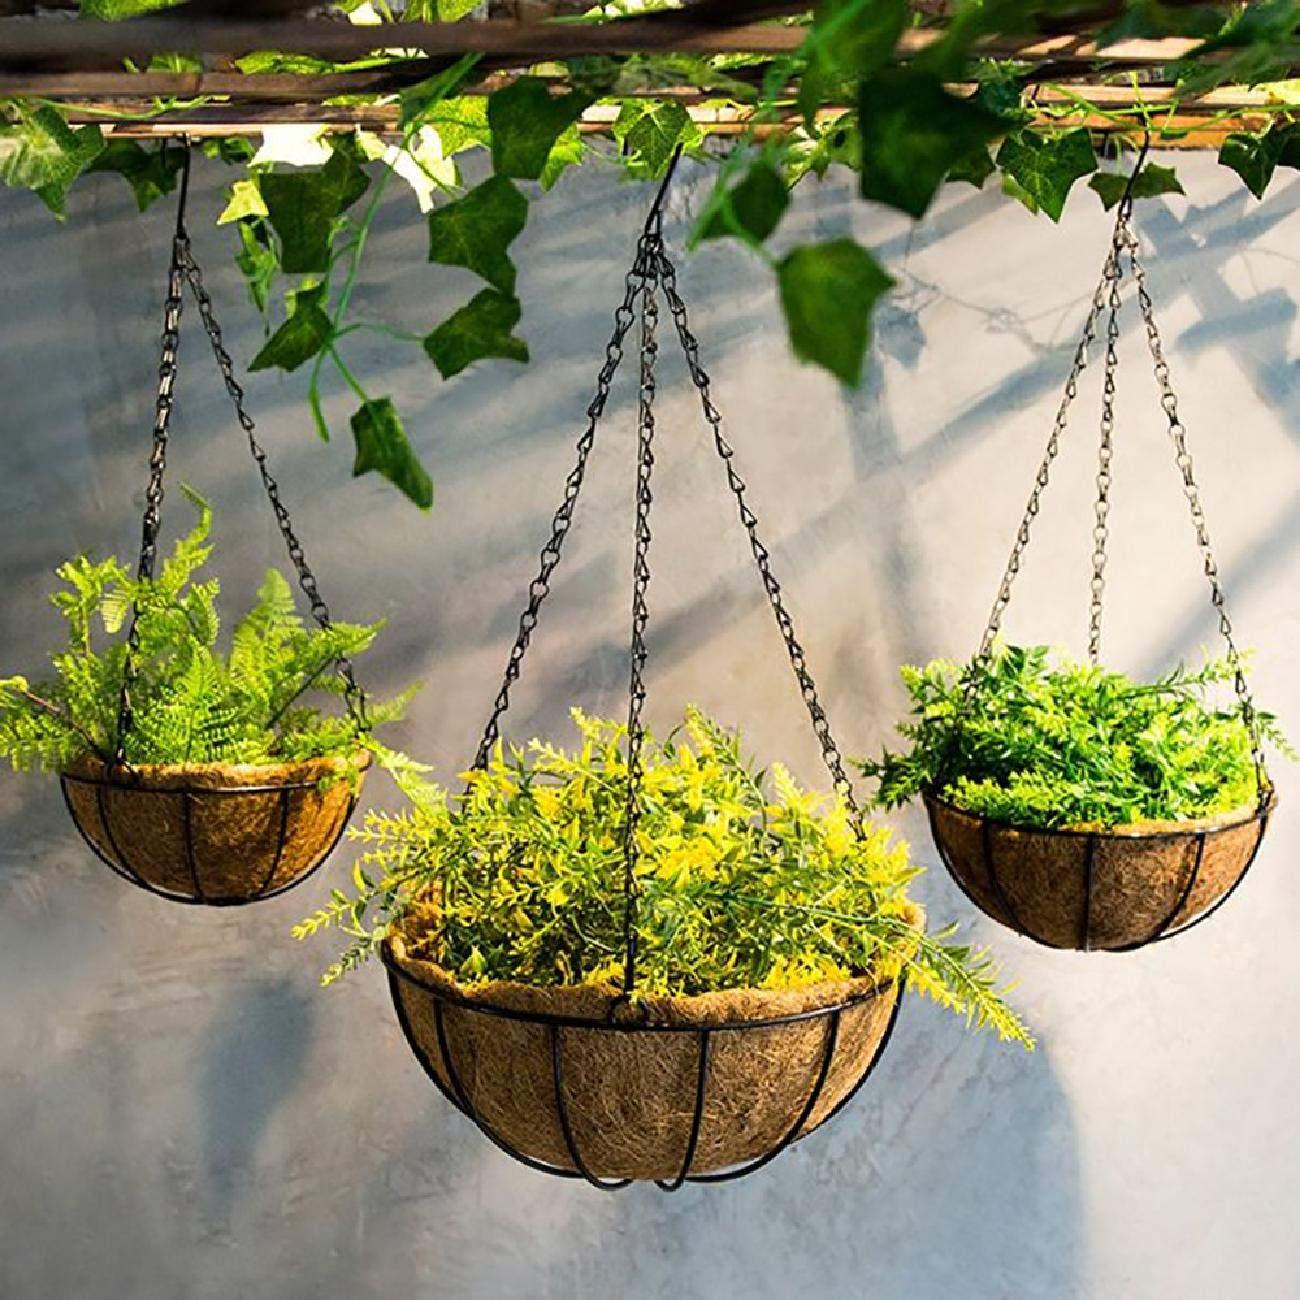 Bluelliant 2 x Macetas Colgantes Jardín Balcon Canastras Decorativas para Plantas Naturales De Pared Exterior Interior Vintage: Amazon.es: Jardín